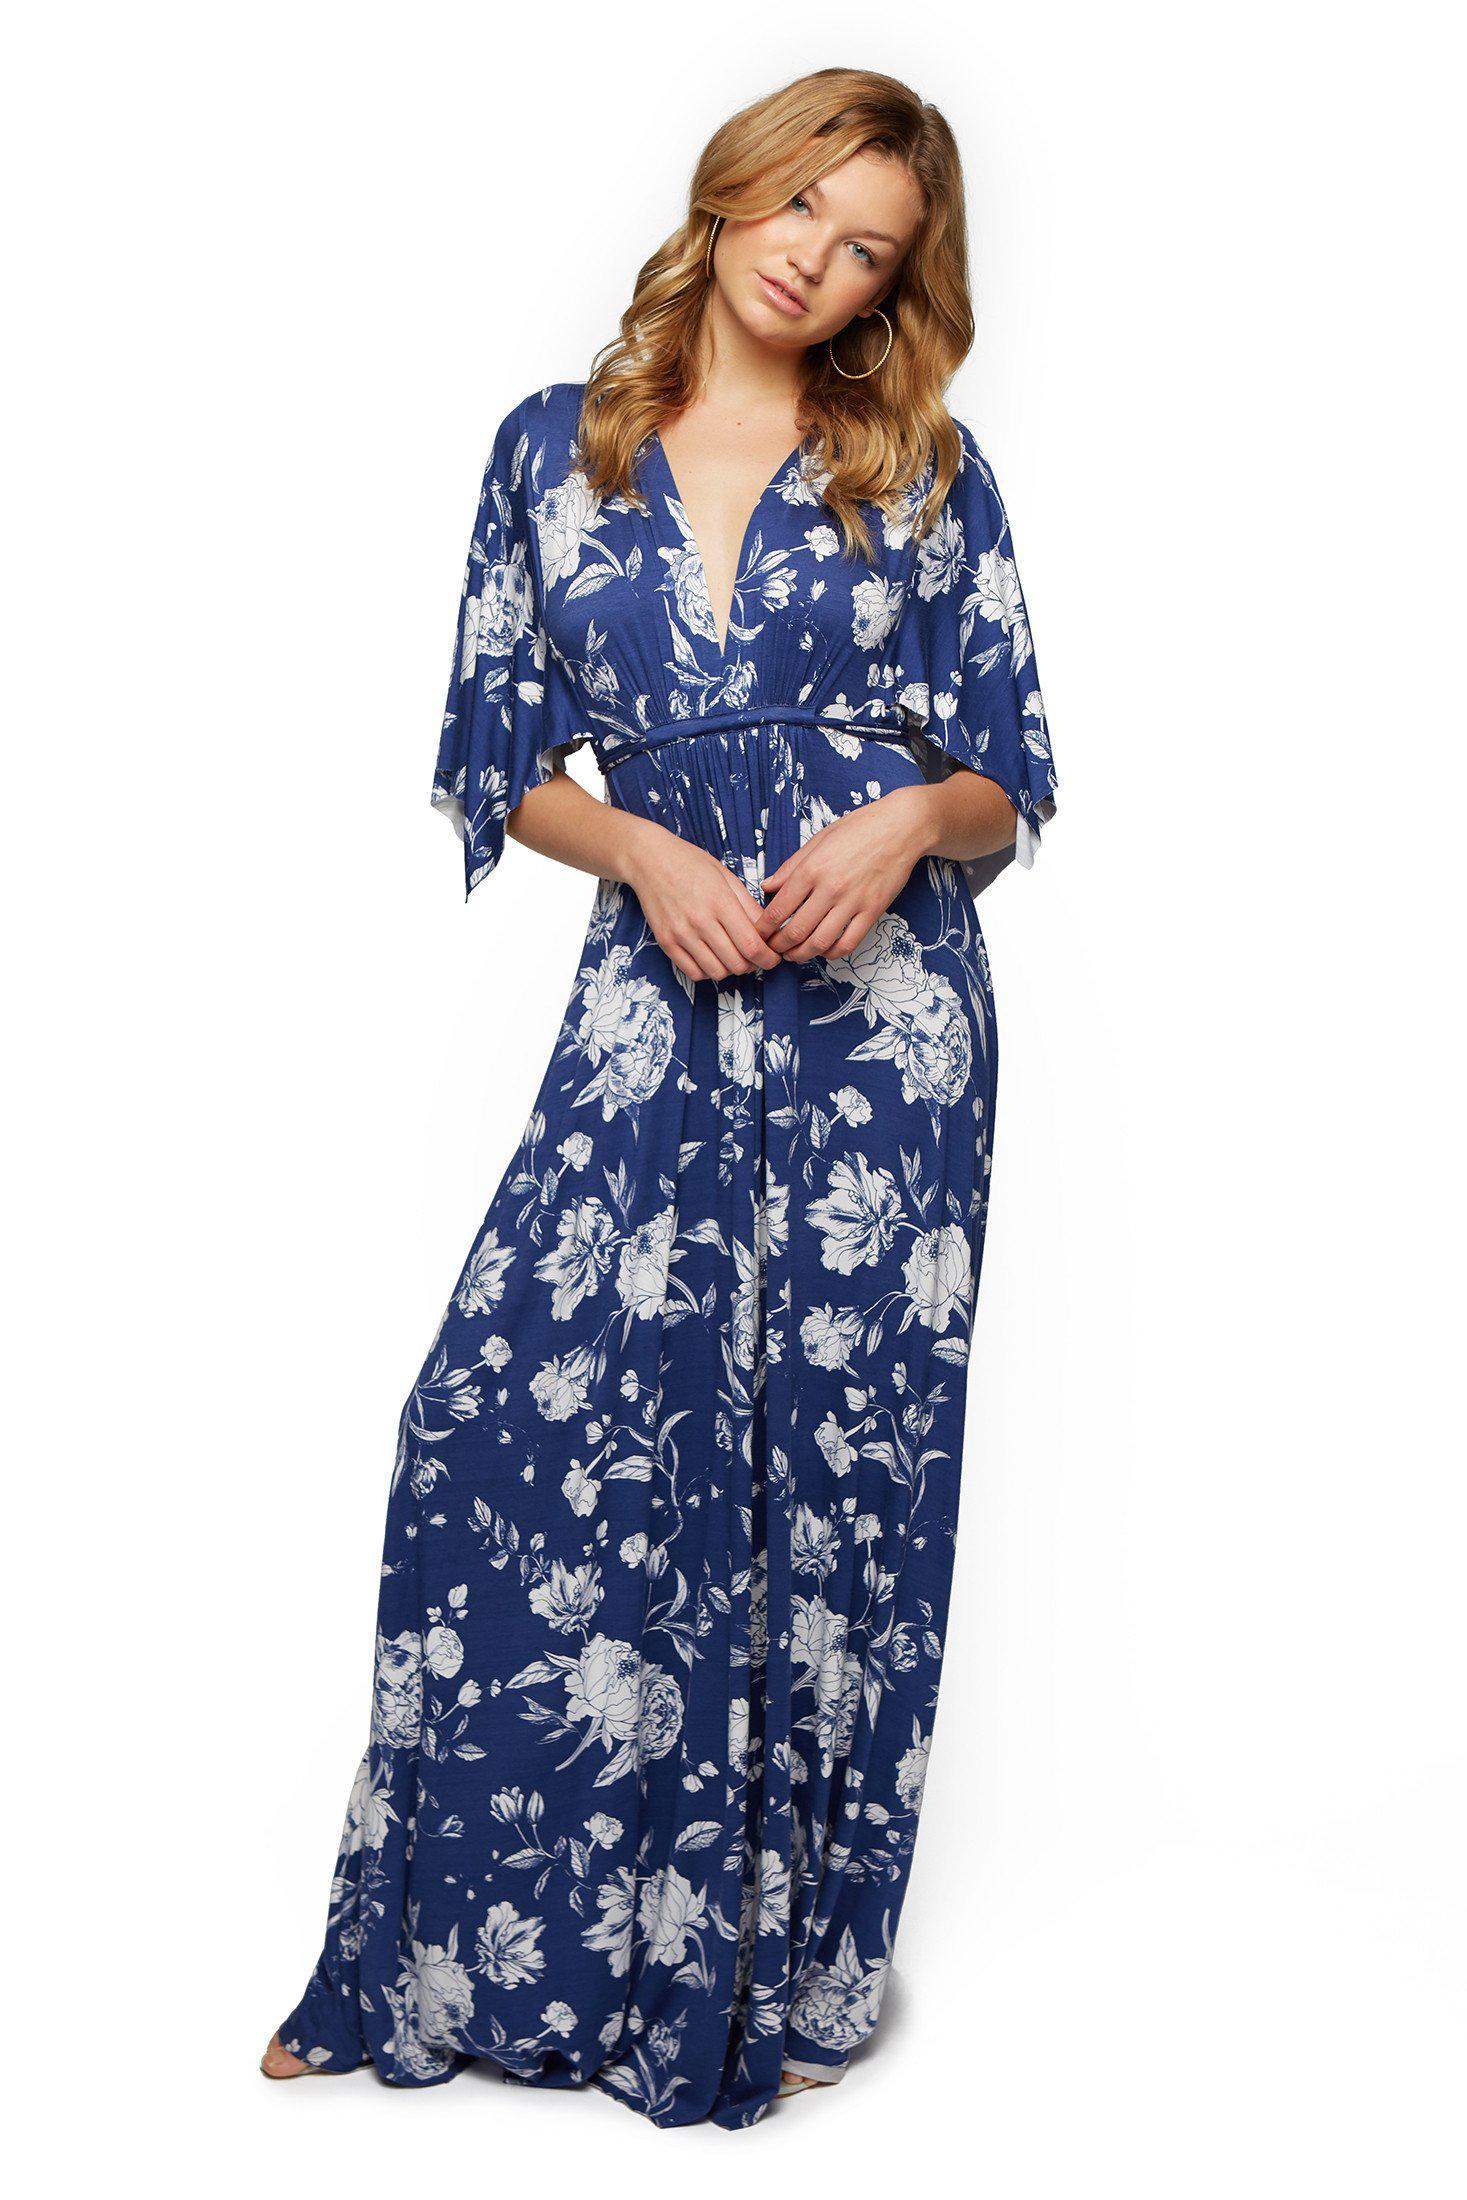 d48daa01d5ed8 Rachel Pally Long Caftan Dress Print - Seaside Peony in Blue - Lyst